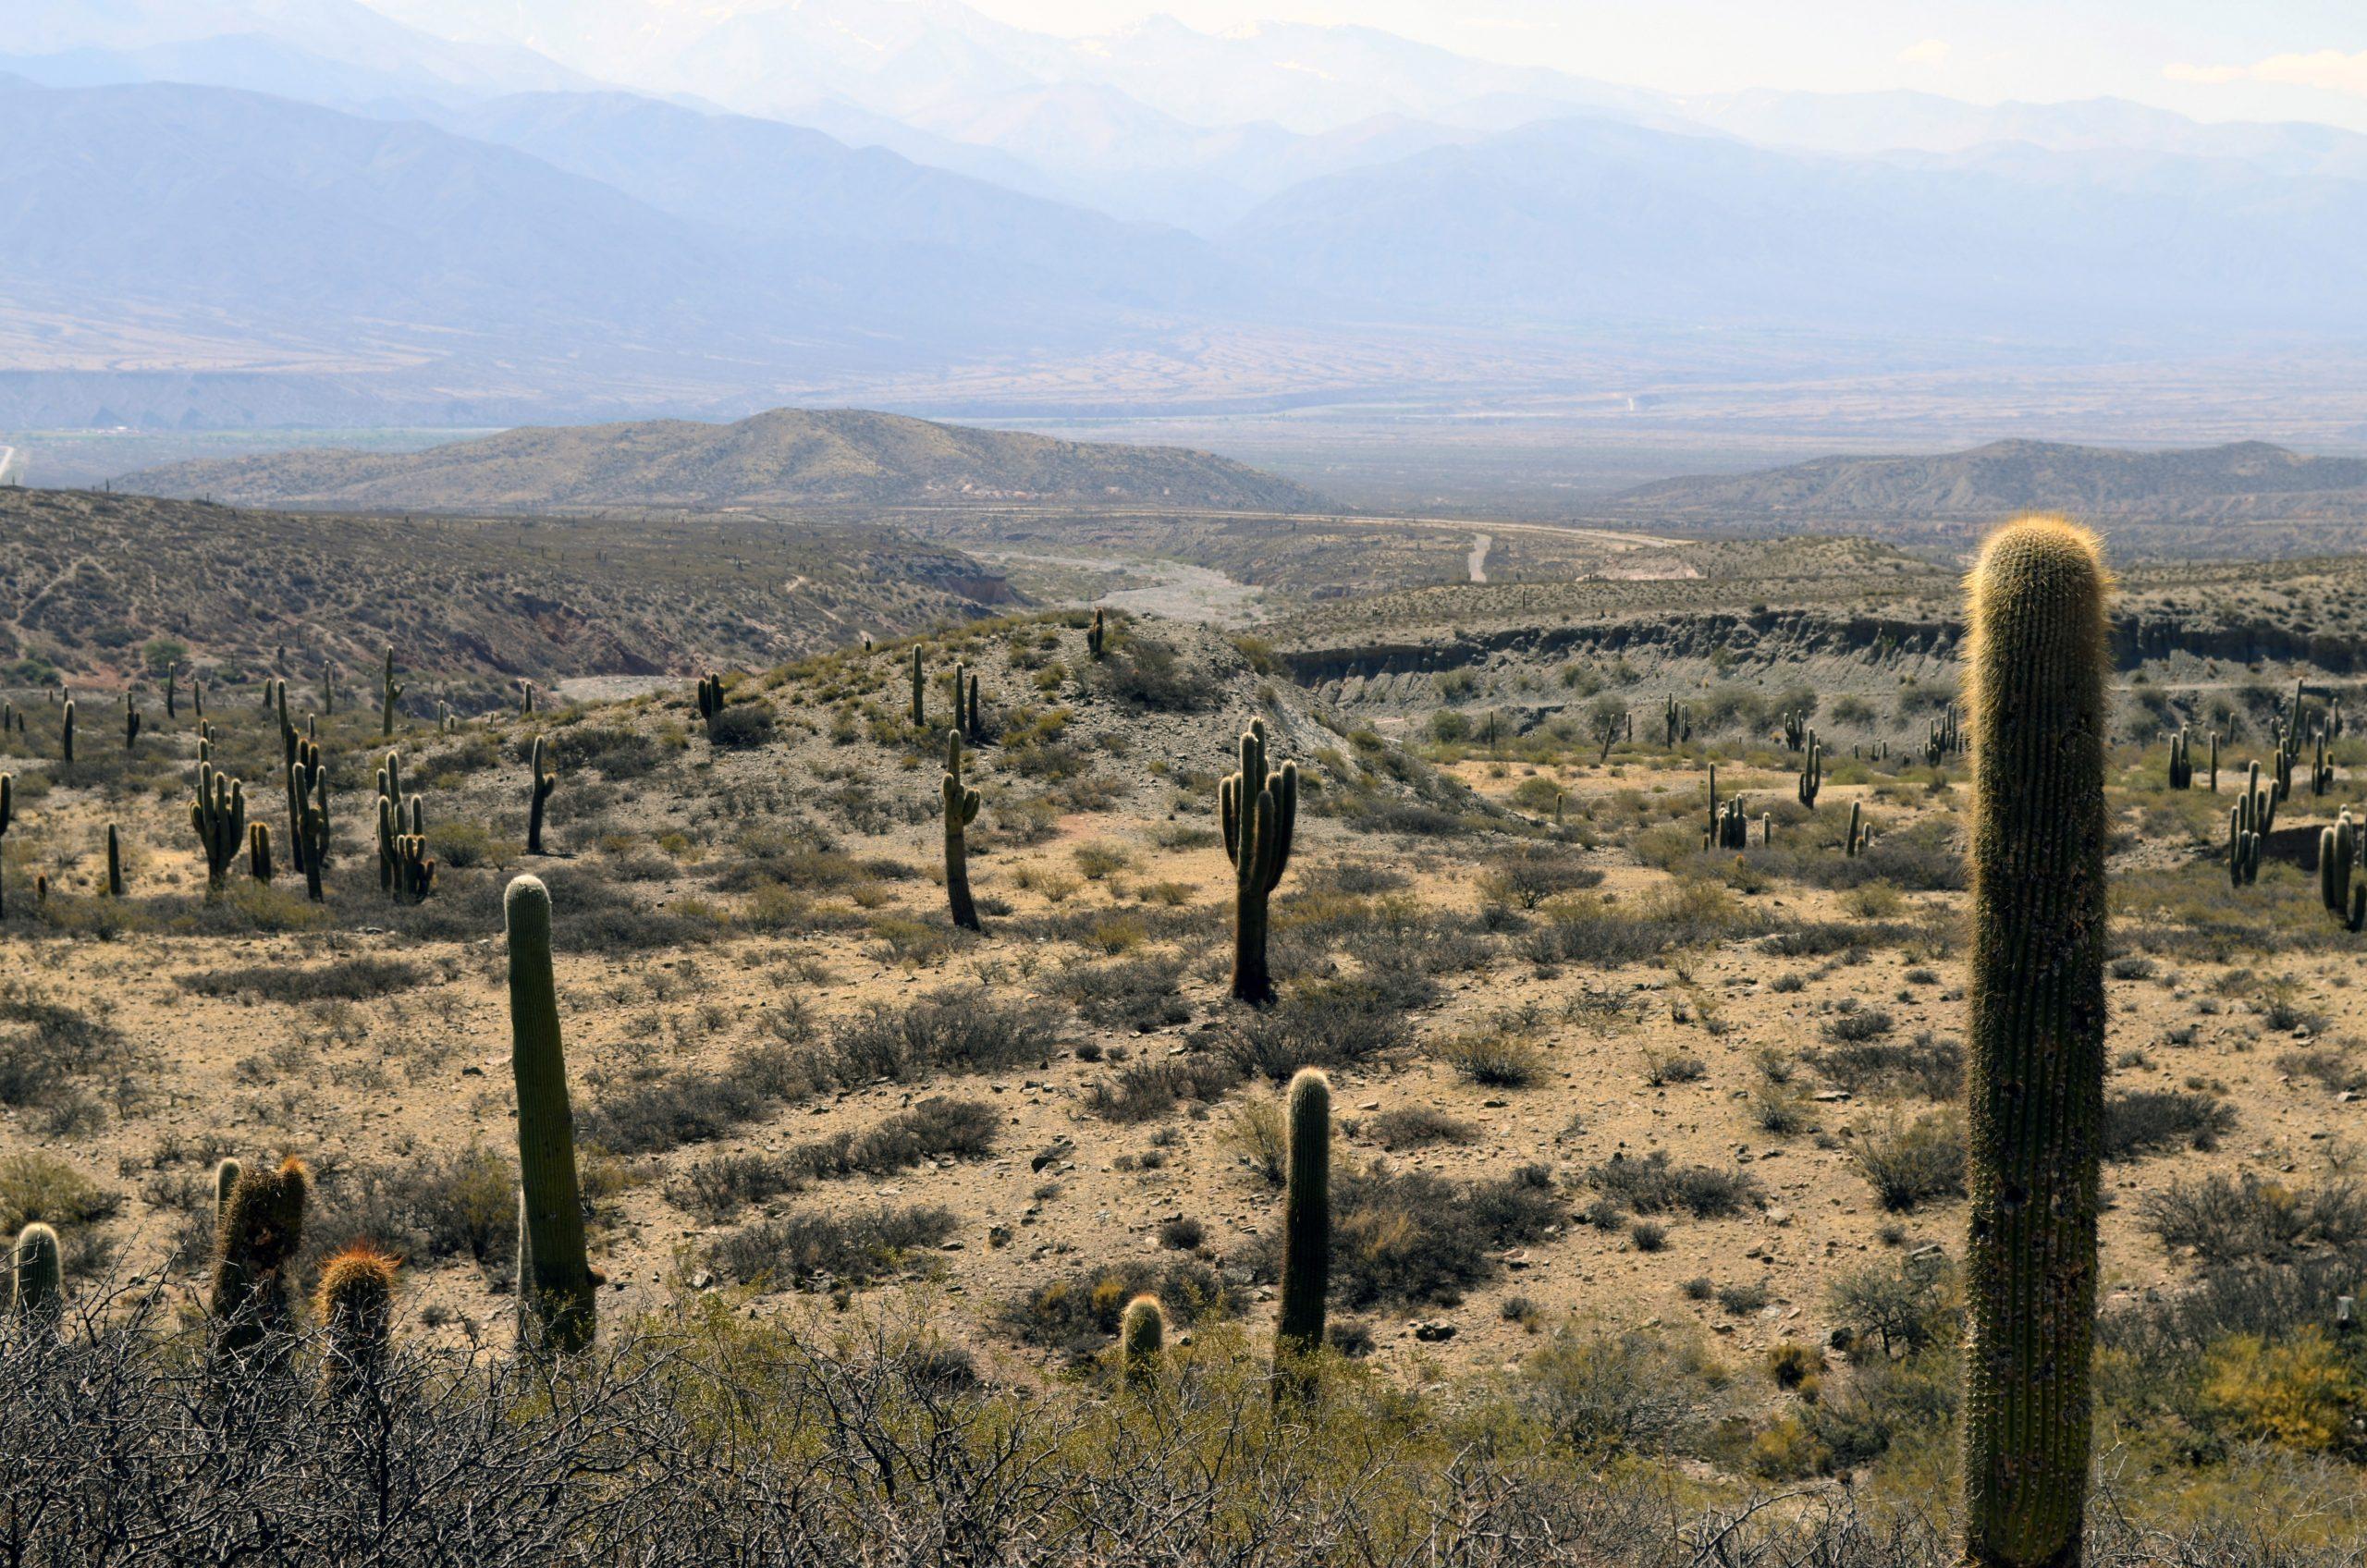 Los cactus viven en regiones áridas